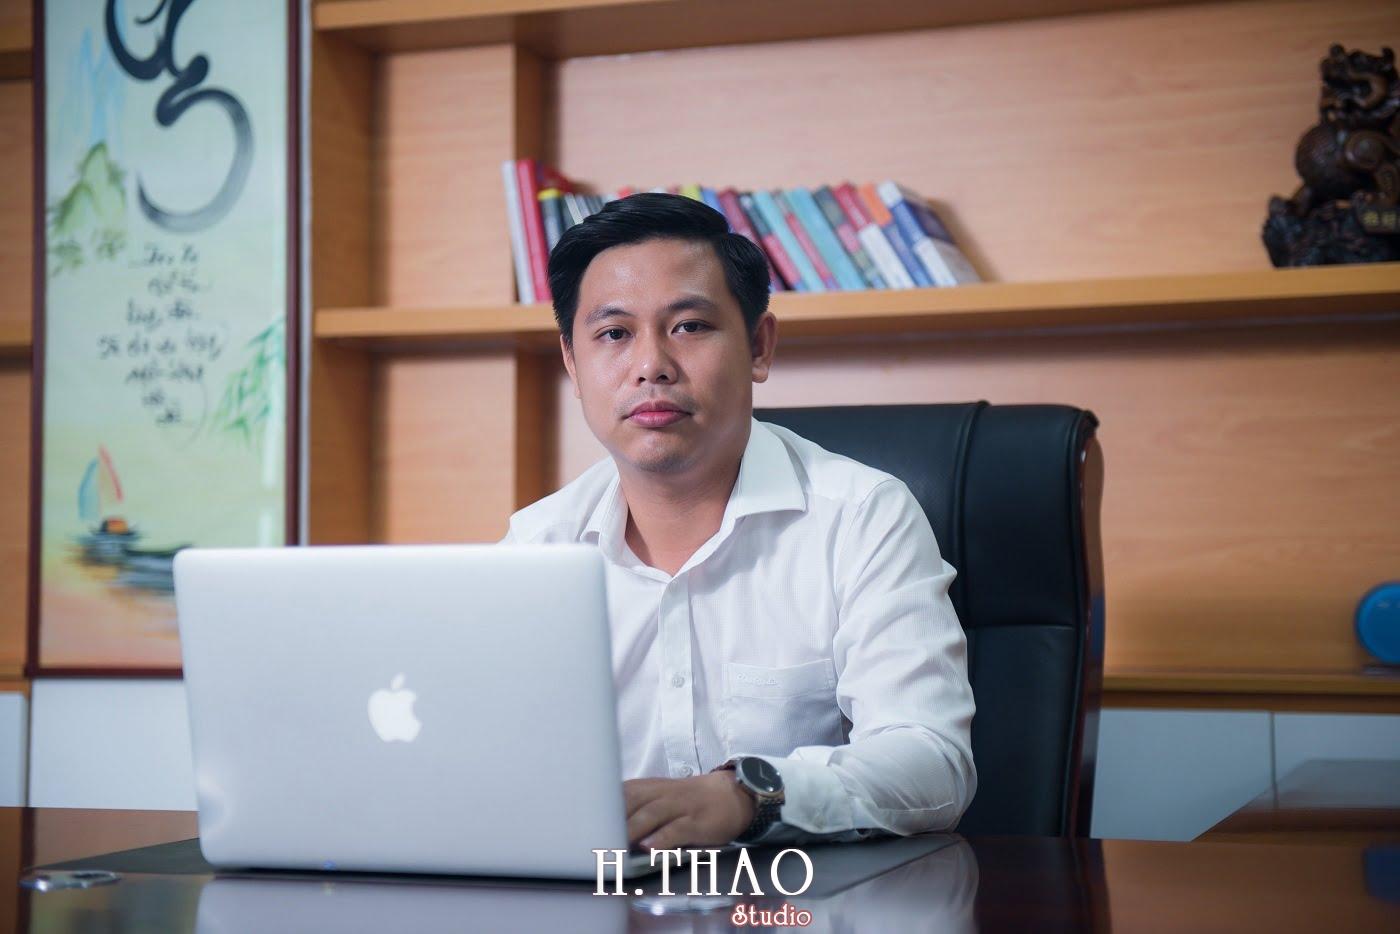 Phu Hung Land 75 min - Album ảnh doanh nhân ban lãnh đạo công ty Phu Hung Land